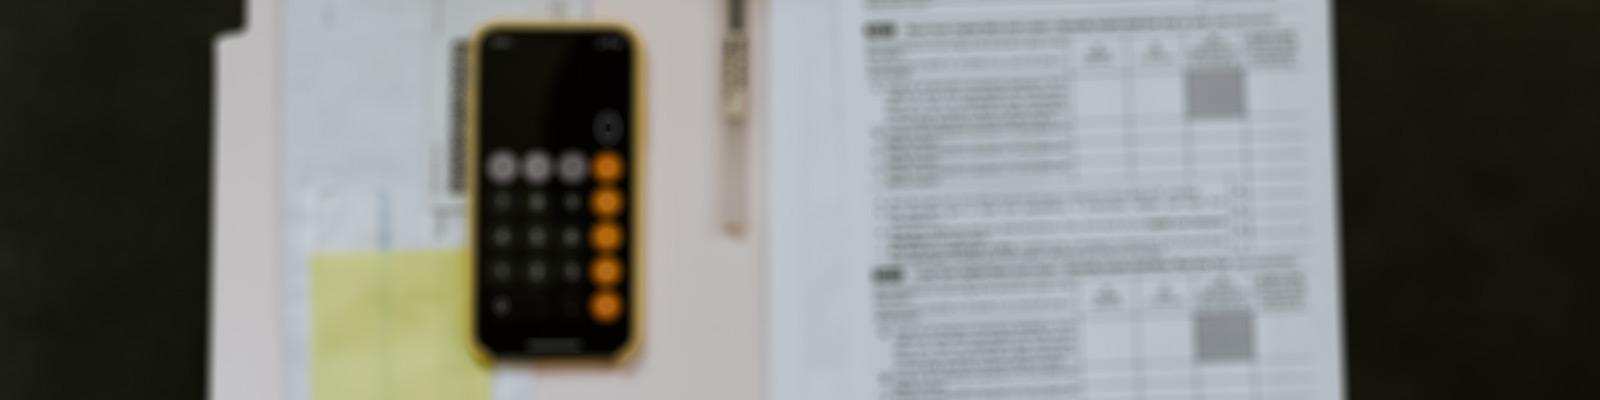 Asesoría contable en Gestoría Matogrande